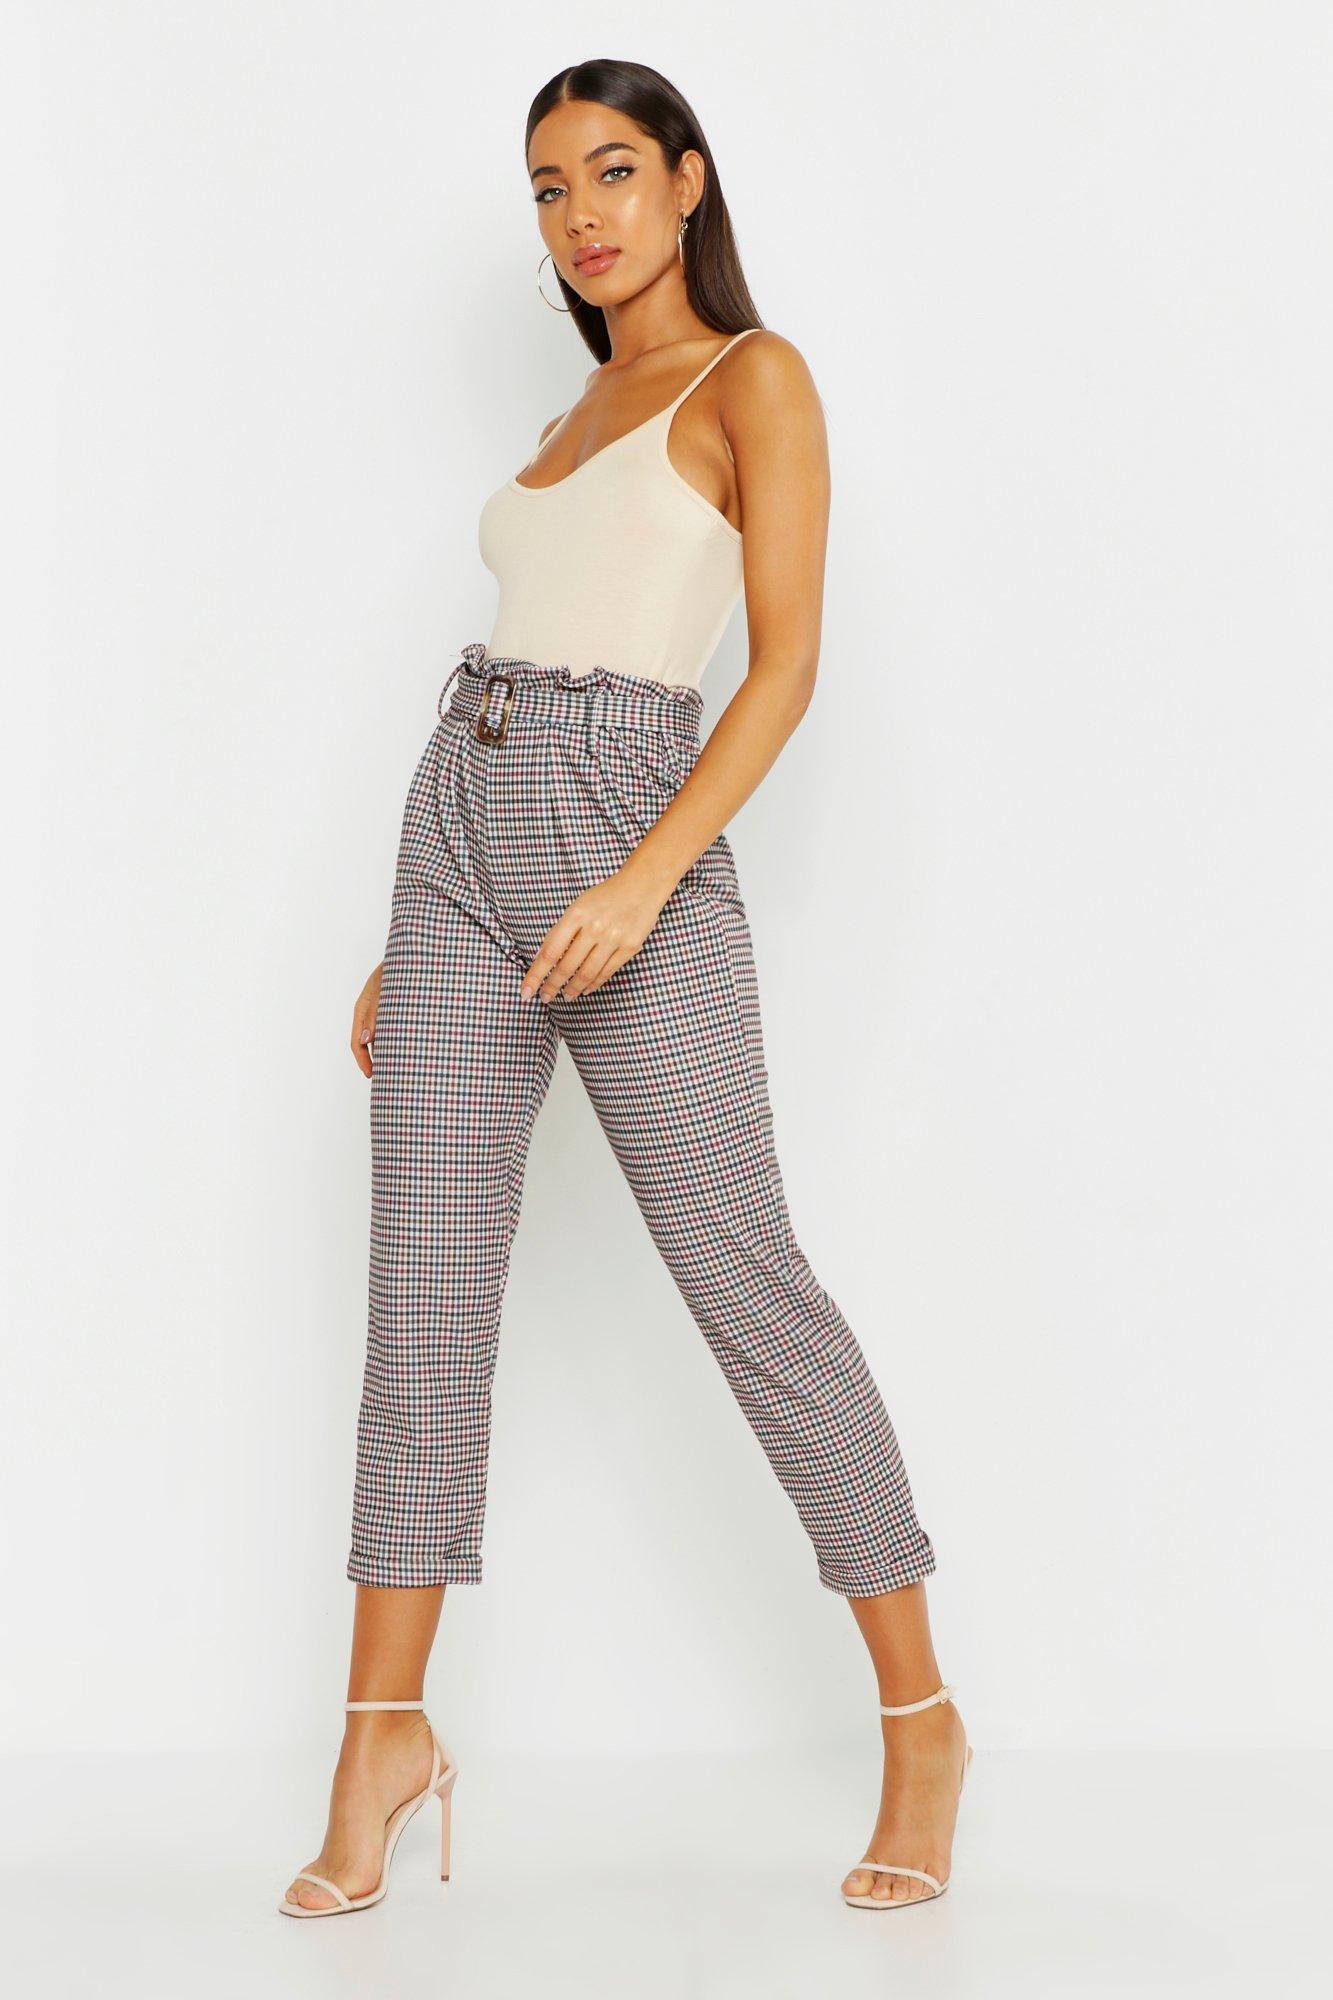 Купить Брюки, Зауженные брюки с поясом в клетку Heritage, boohoo